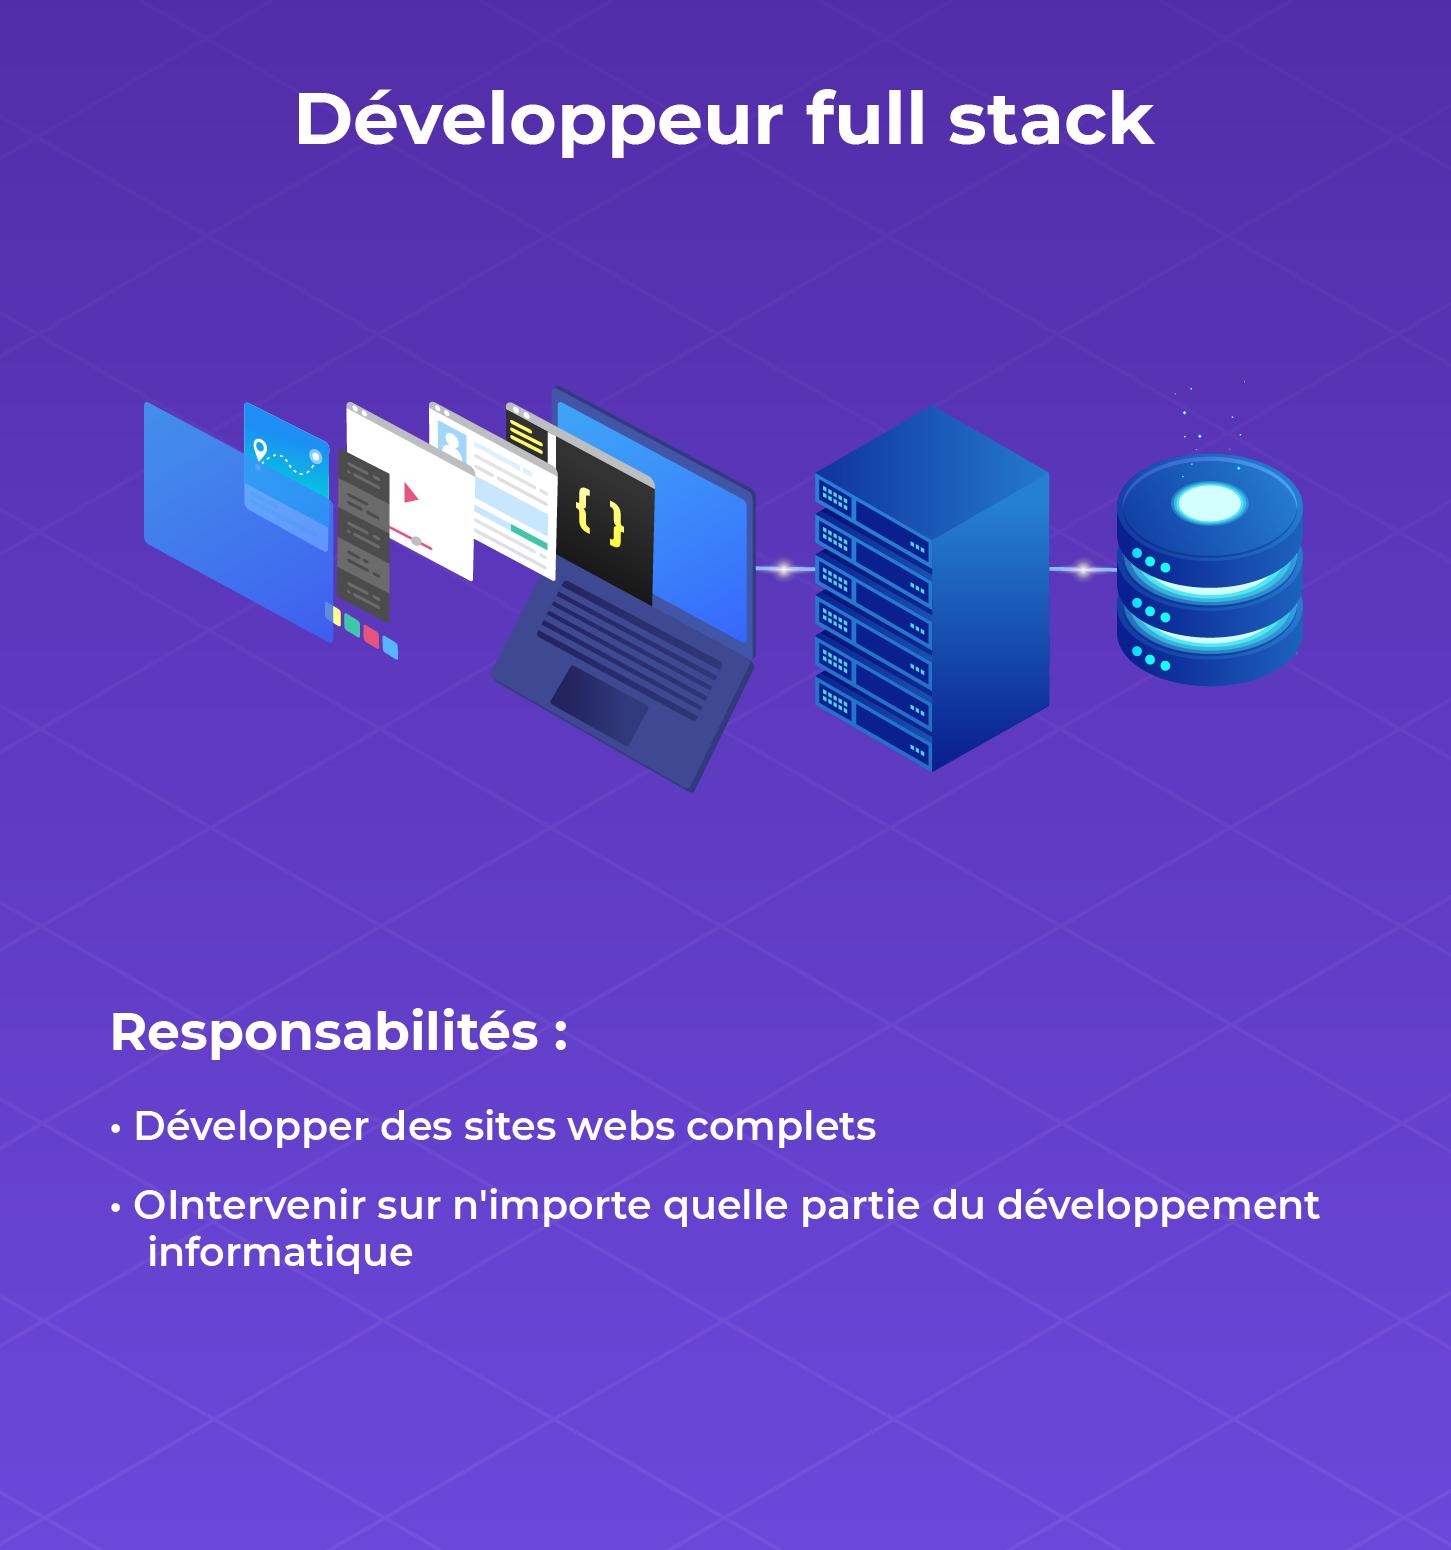 Fiche métier du développeur full-stack